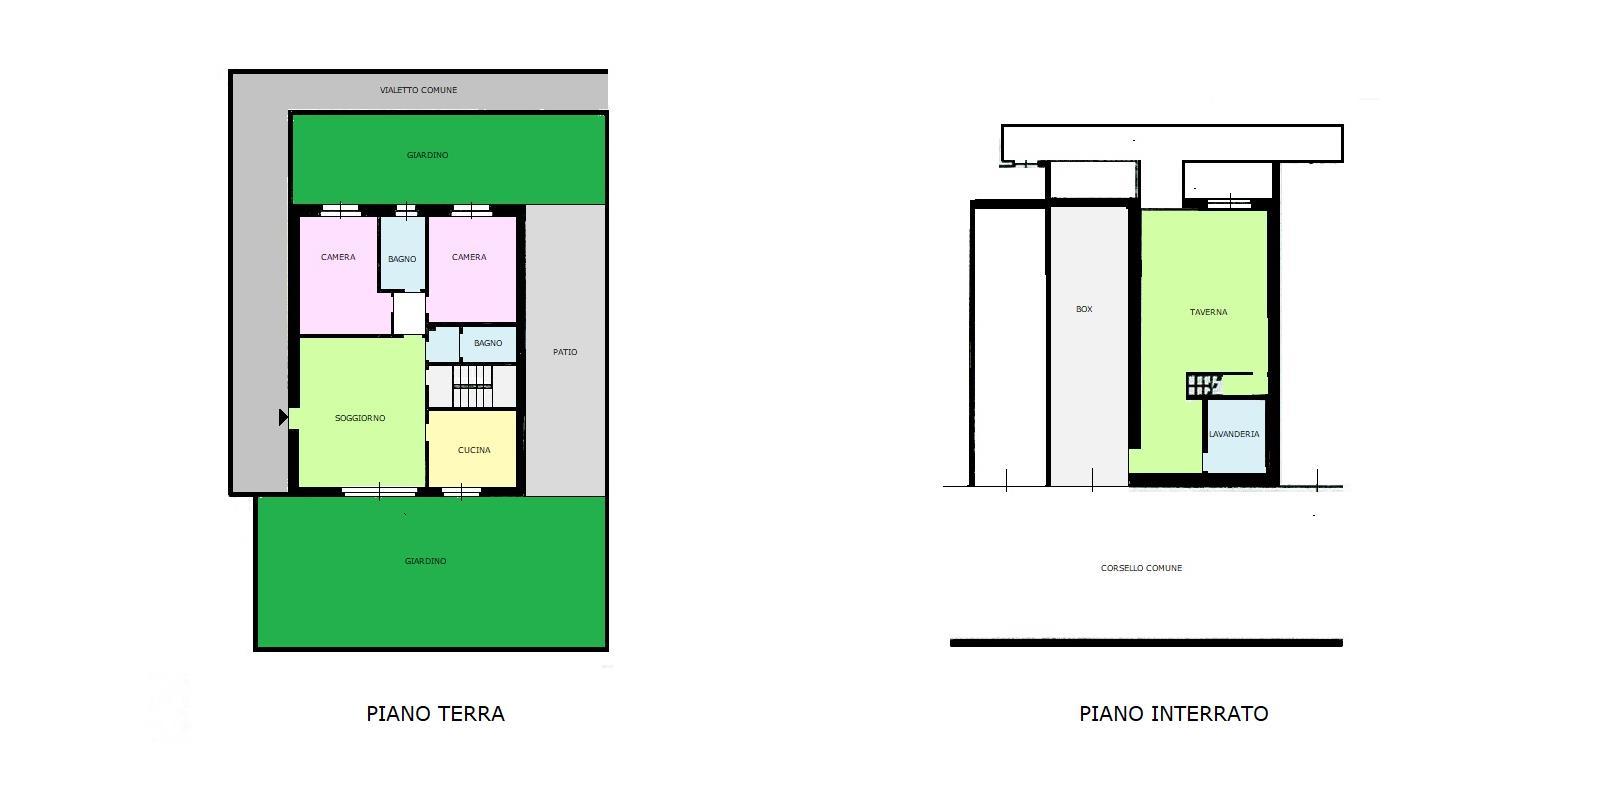 Foto 13 - Appartamento in Vendita - Monza, Zona Buonarroti